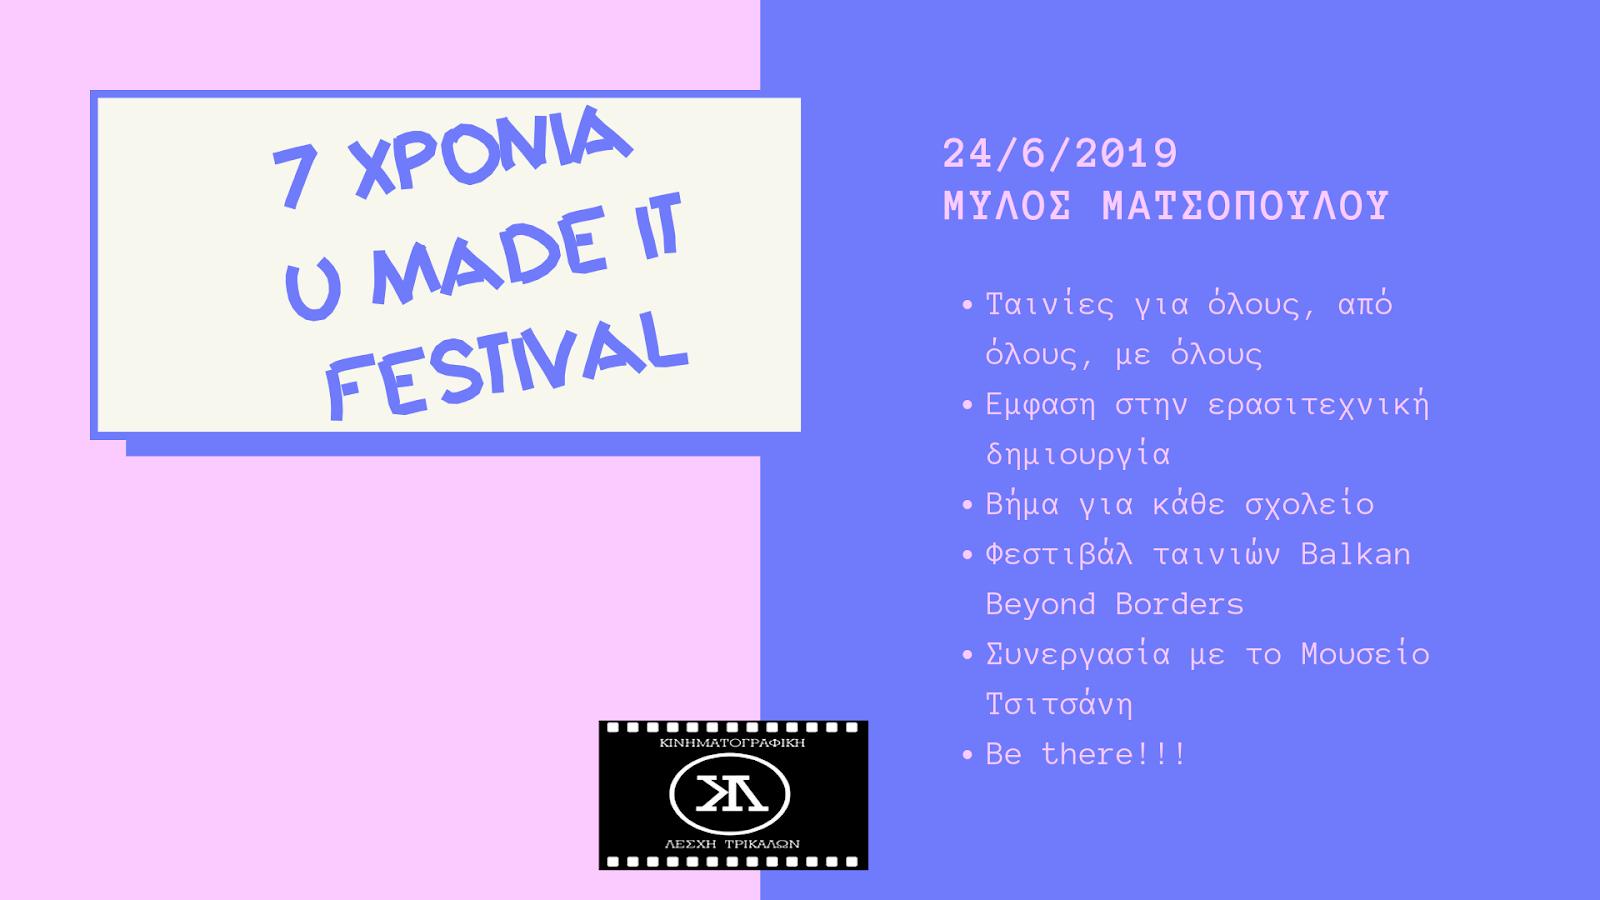 7 χρόνια U Made it festival στα Τρίκαλα